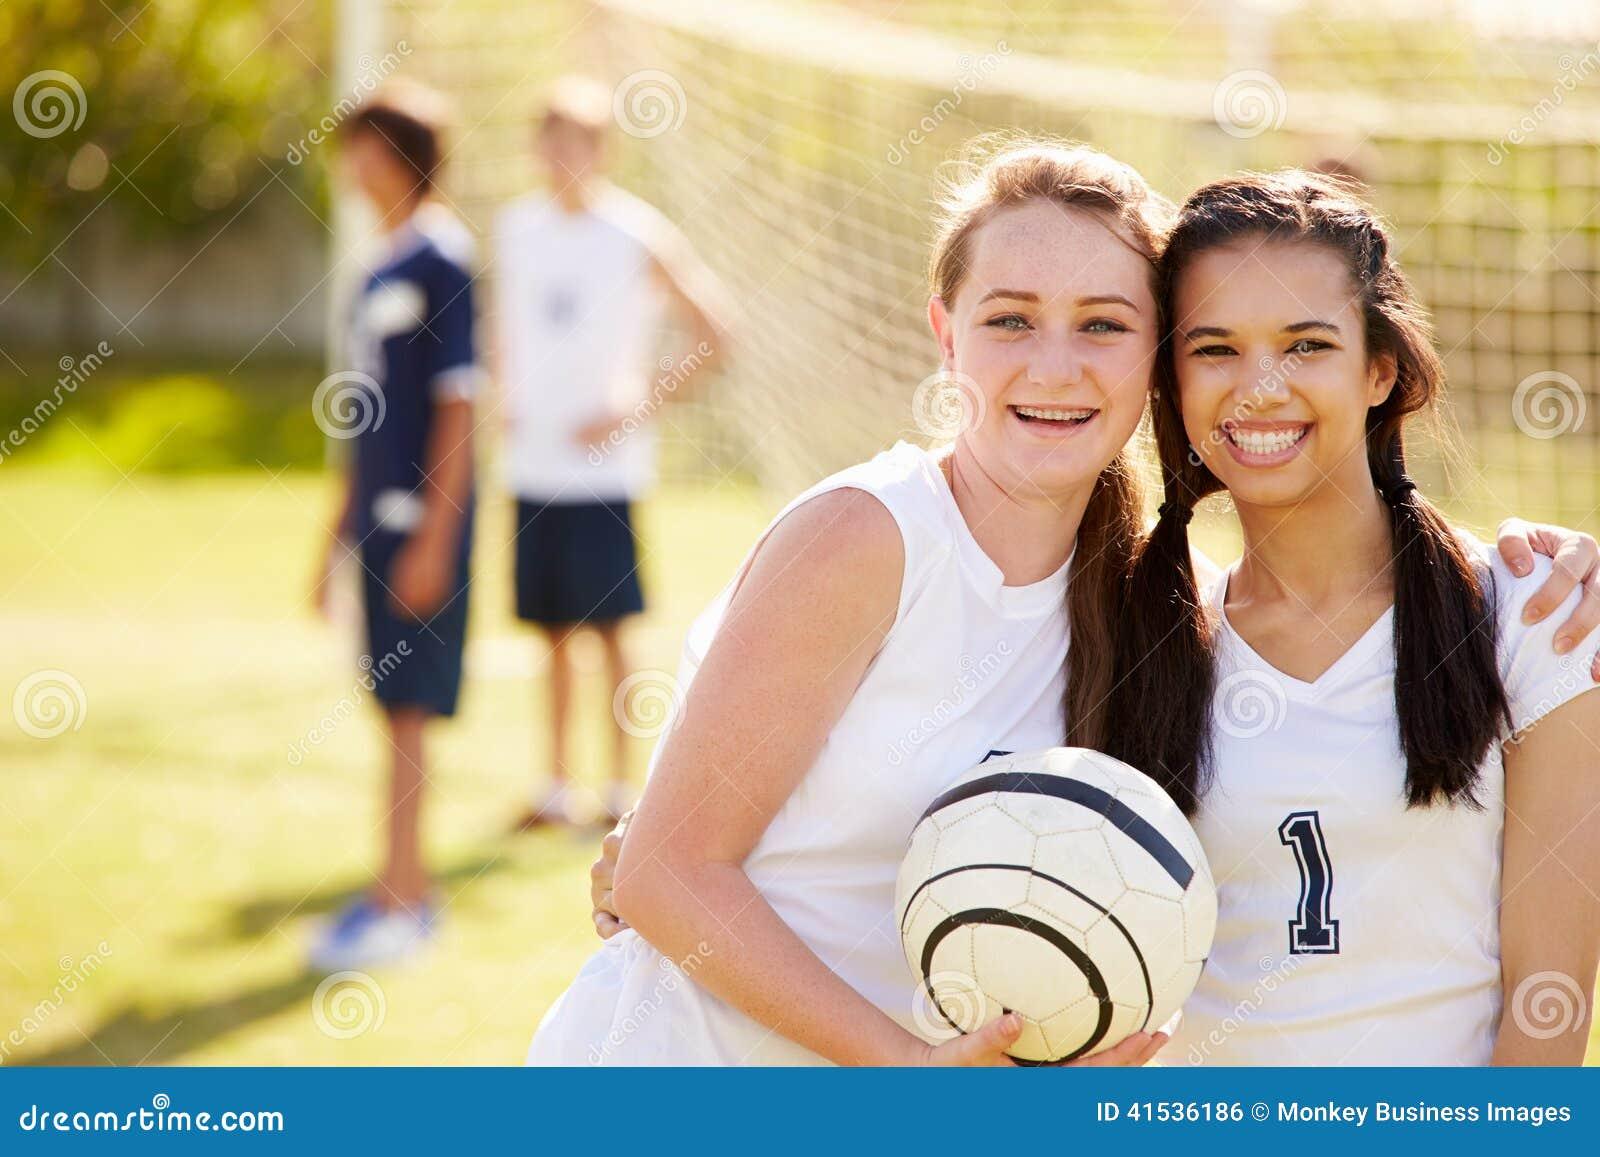 Membros da equipe de futebol fêmea da High School